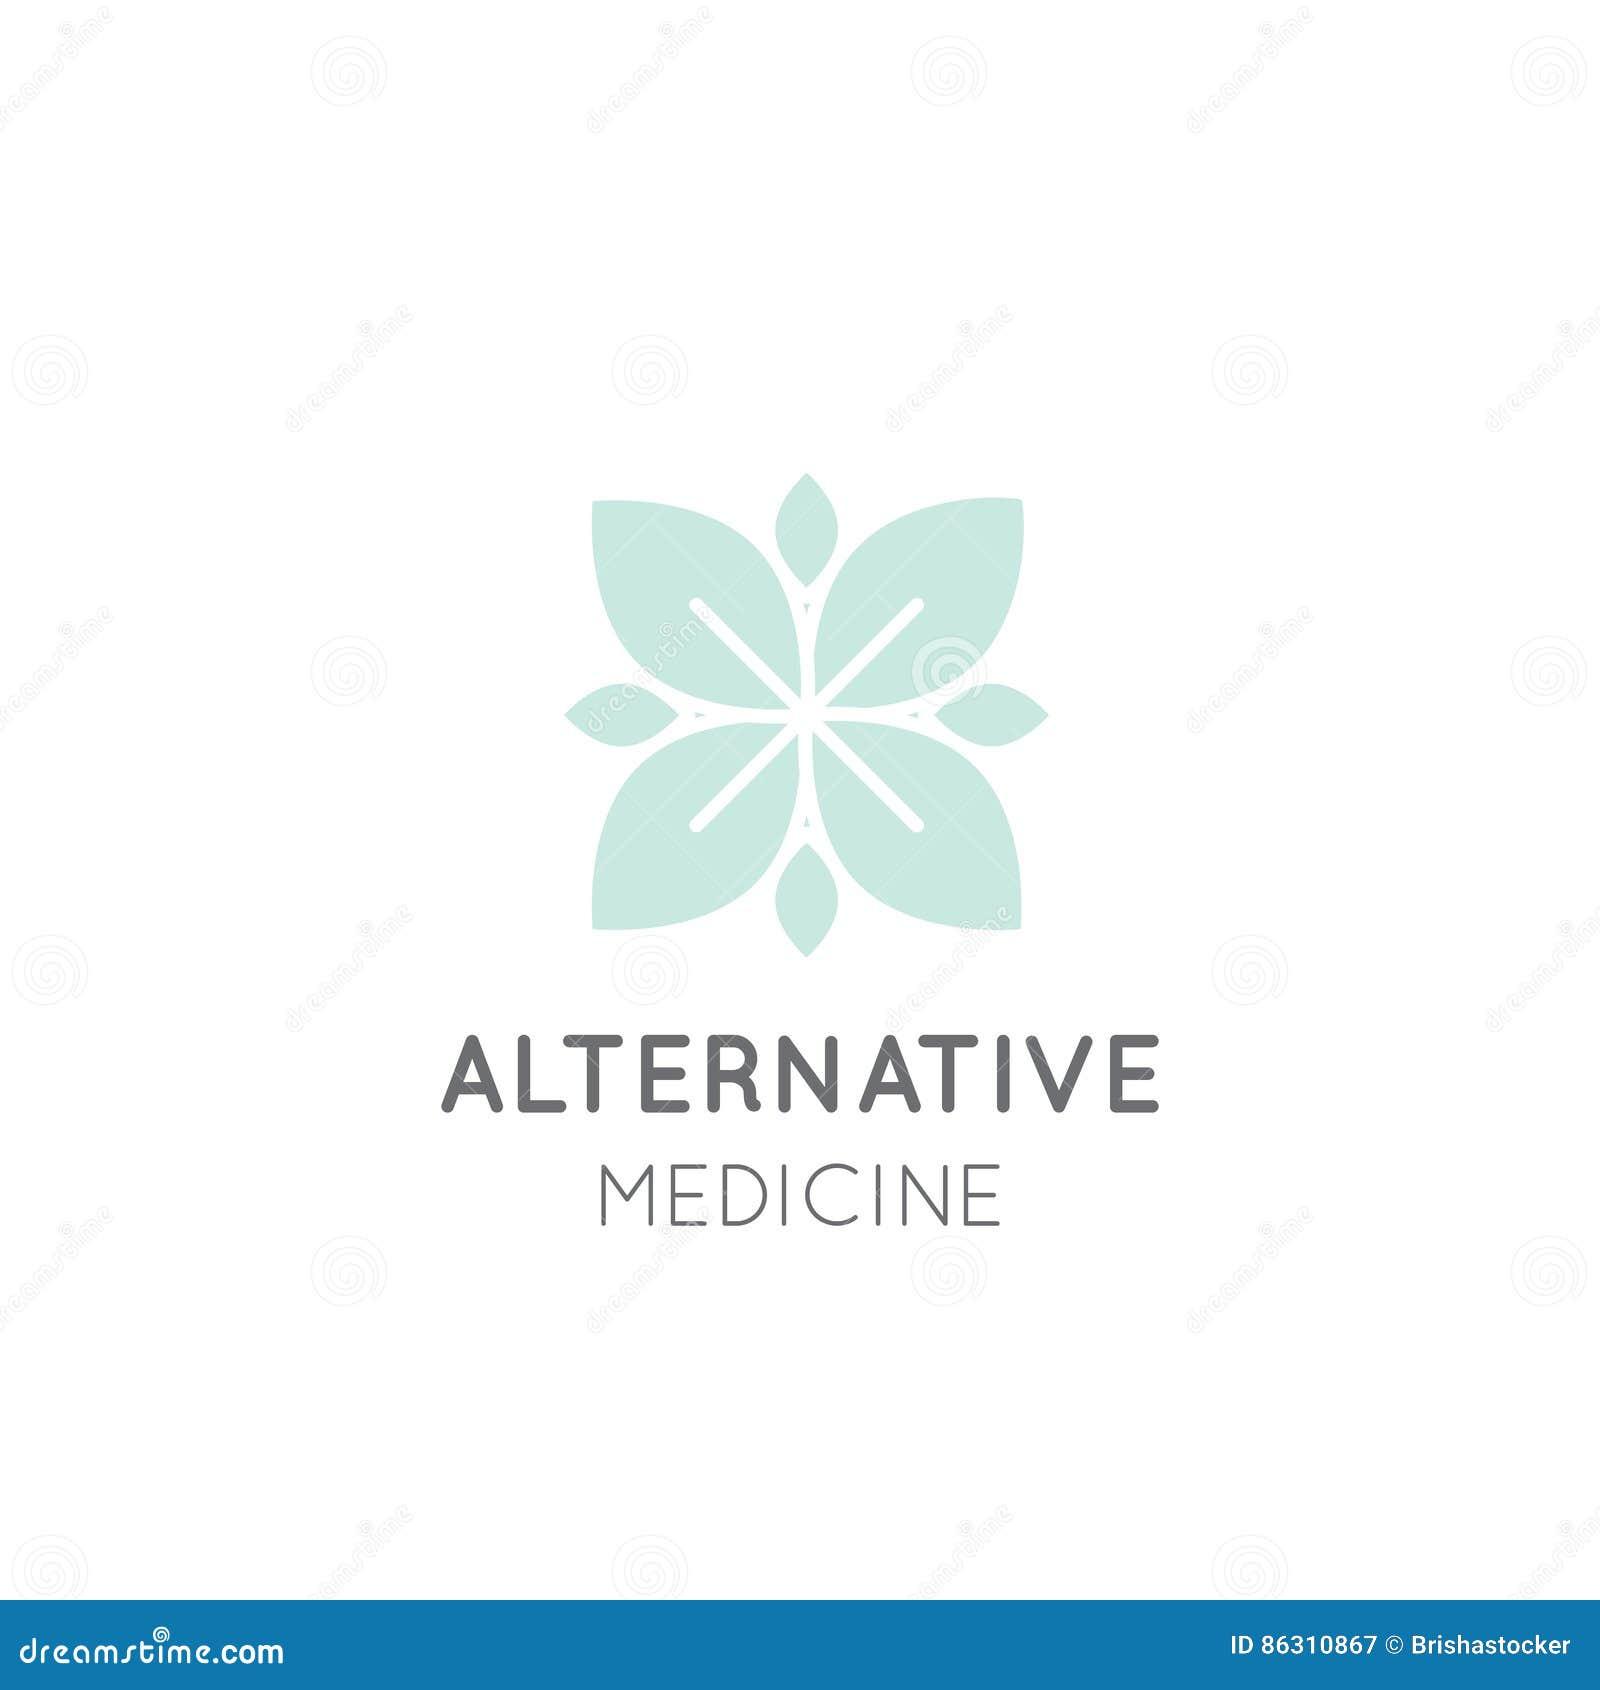 Sinal da medicina alternativa IV terapia da vitamina, antienvelhecimento, bem-estar, Ayurveda, medicina chinesa Centro holístico